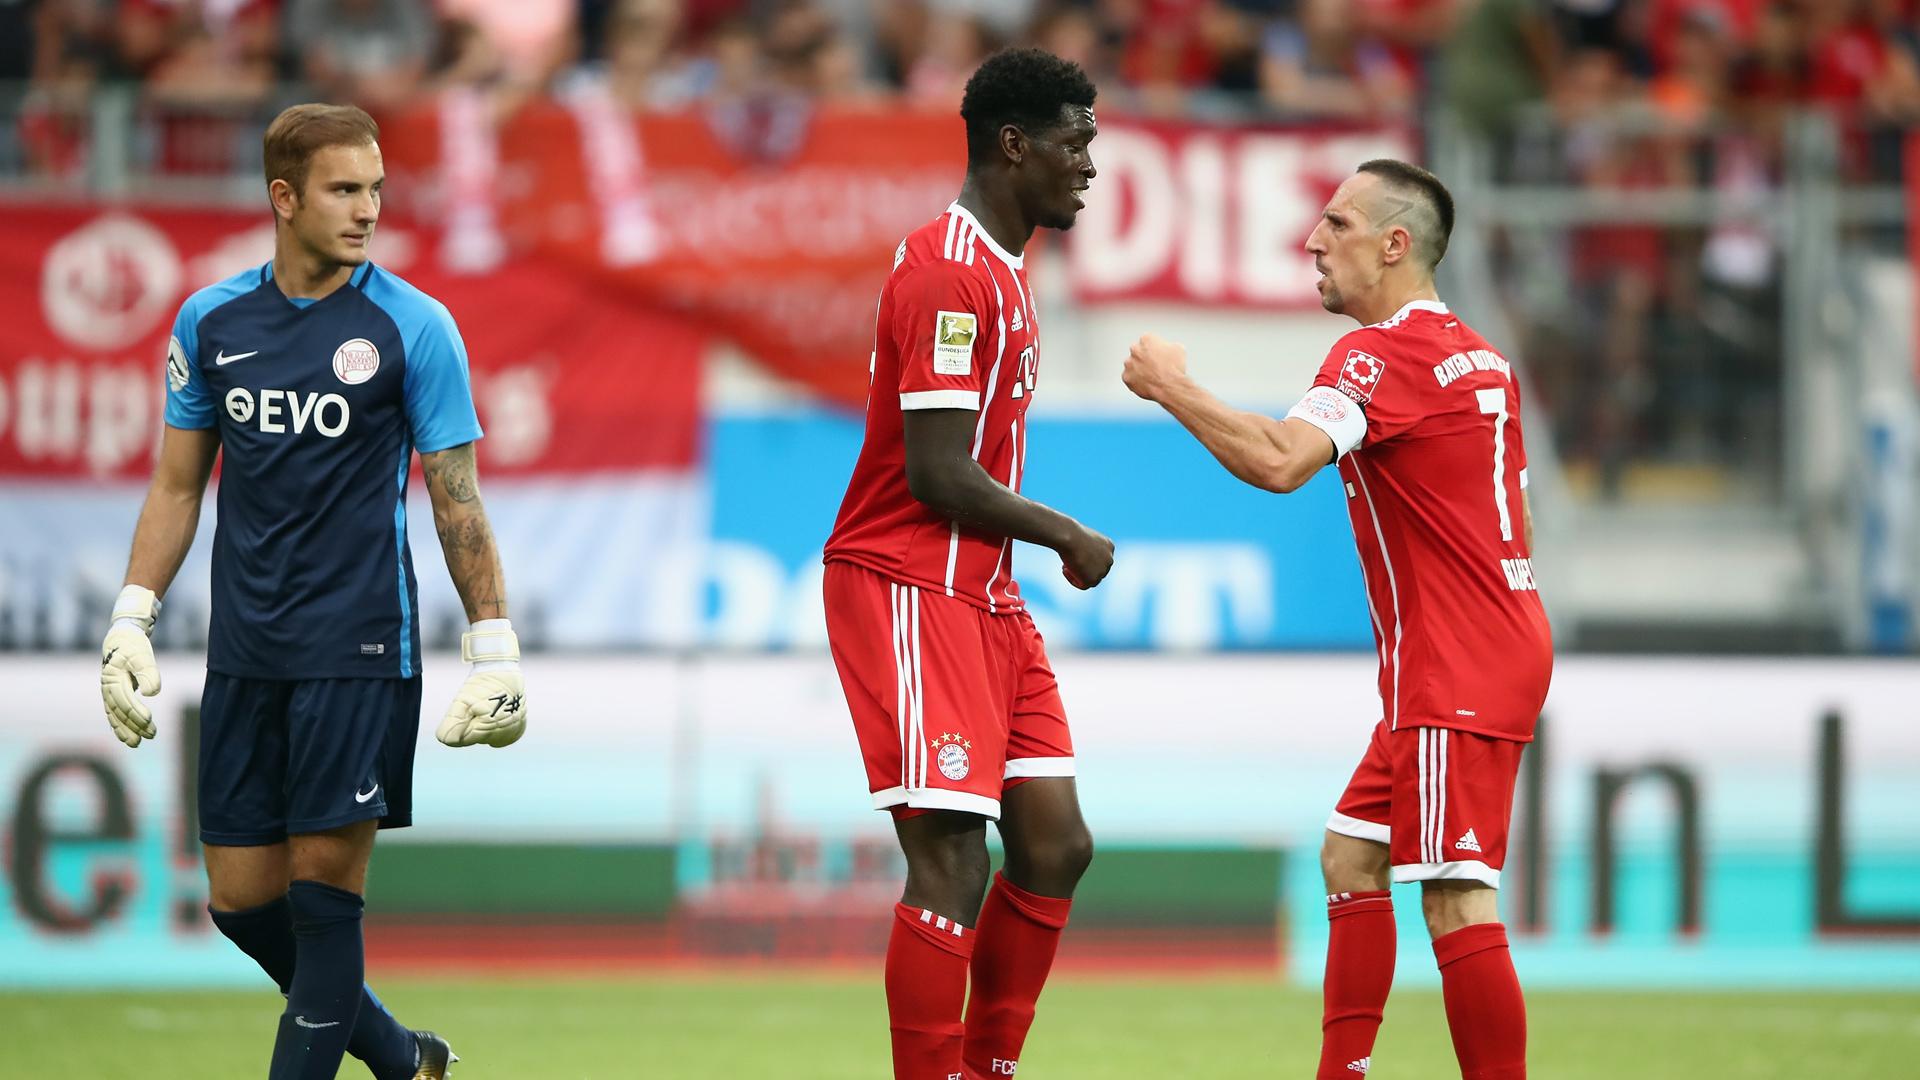 Heynckes beruft früheren VfL-Stürmer Wriedt in Bayern-Kader